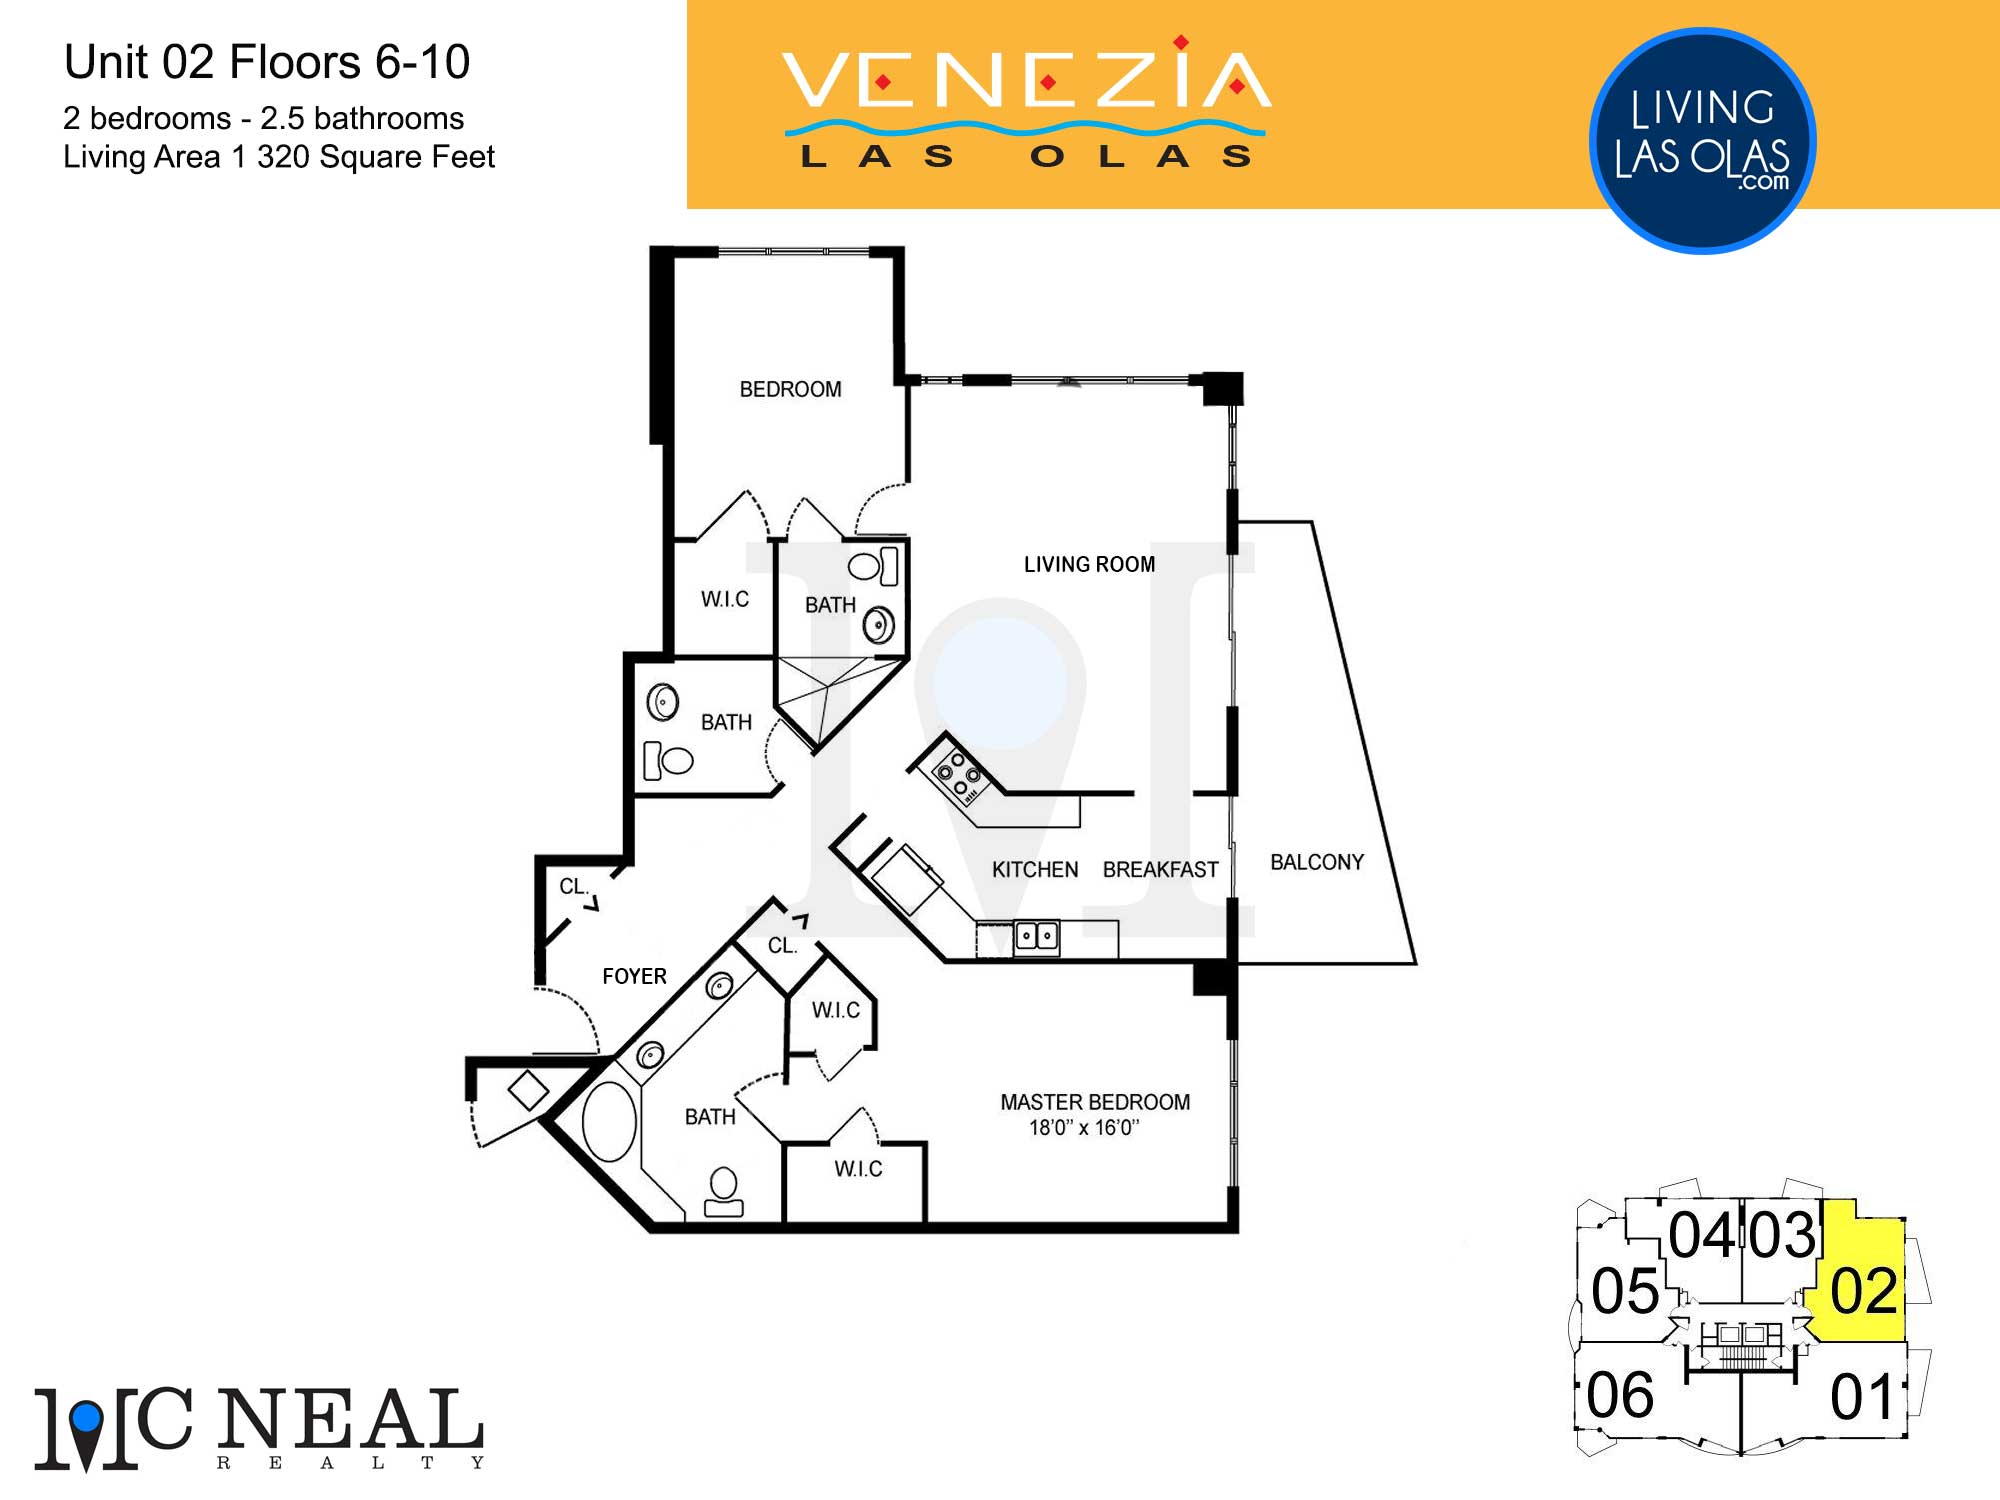 Venezia Las Olas Floor Plans 5-10 Unit 2